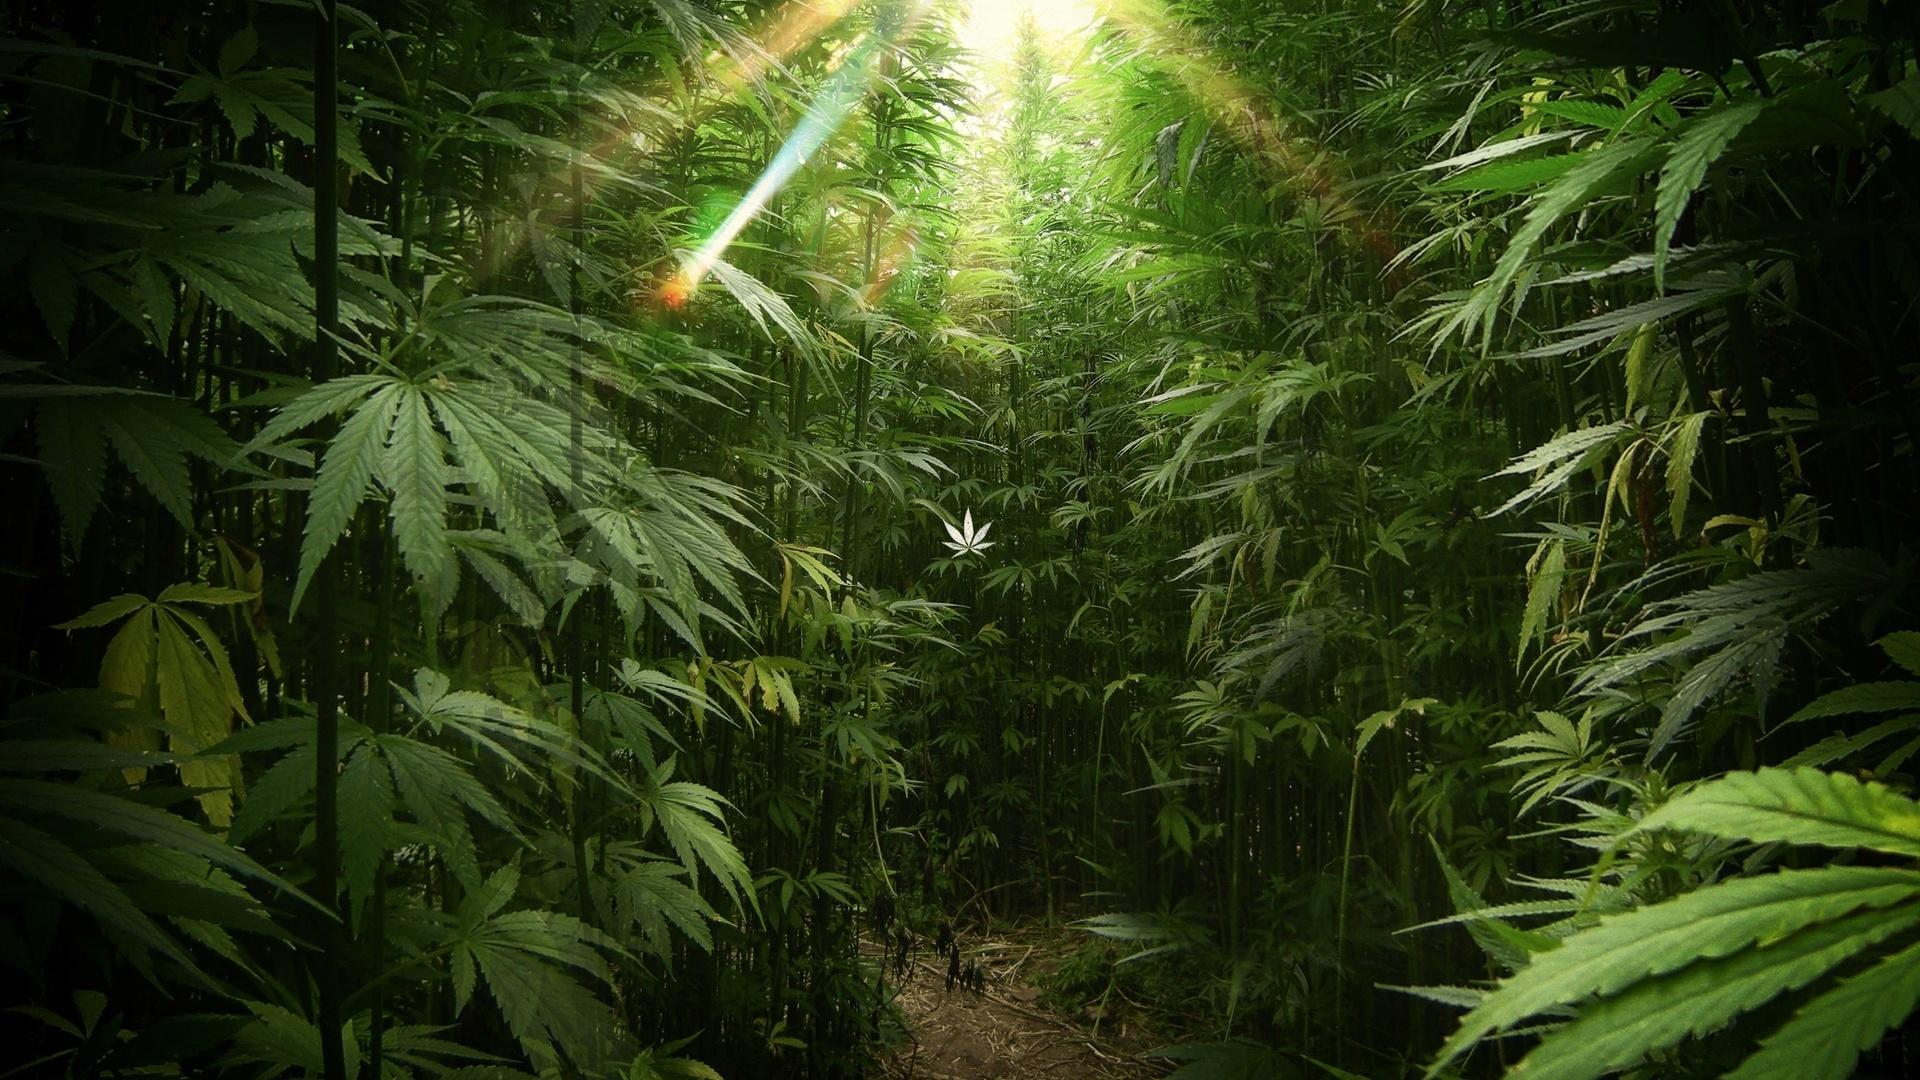 Обои конопля фото марихуана бонго